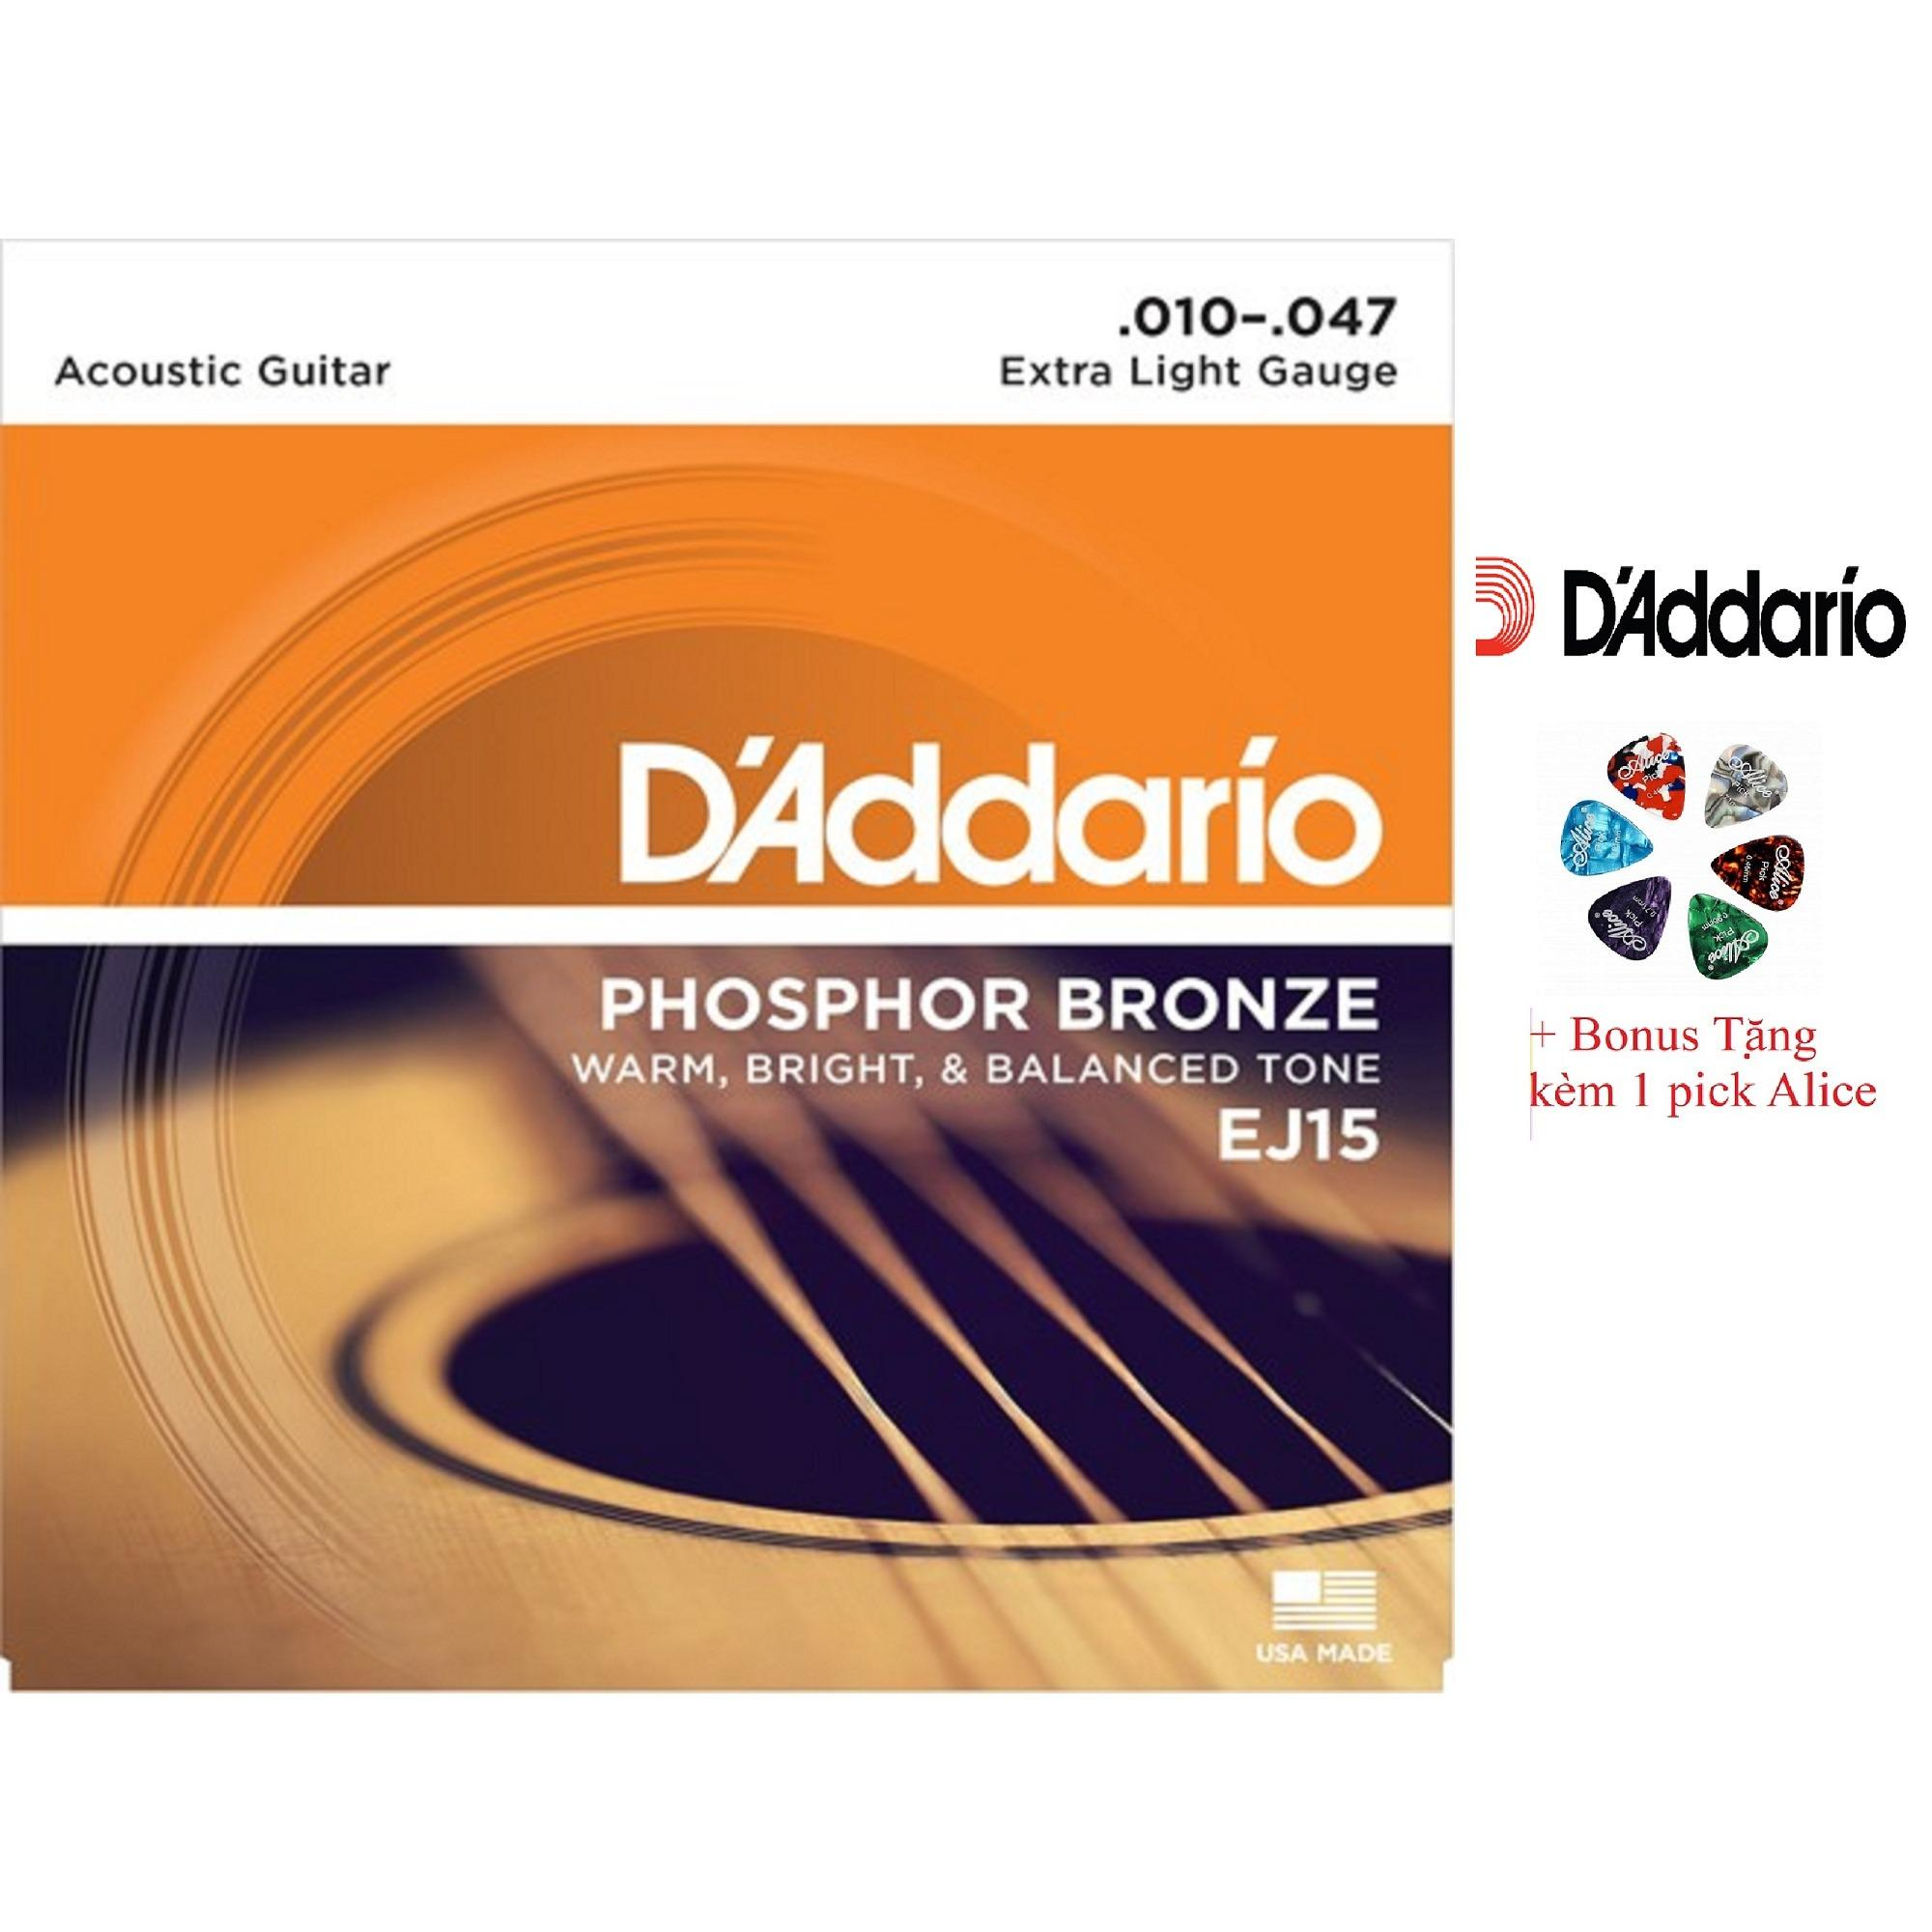 Mua Bộ Hộp 6 Day Đan Guitar Acoustic D Addario Ej15 Cao Cấp Pick Alice Cỡ 10 D Addadrio Nguyên